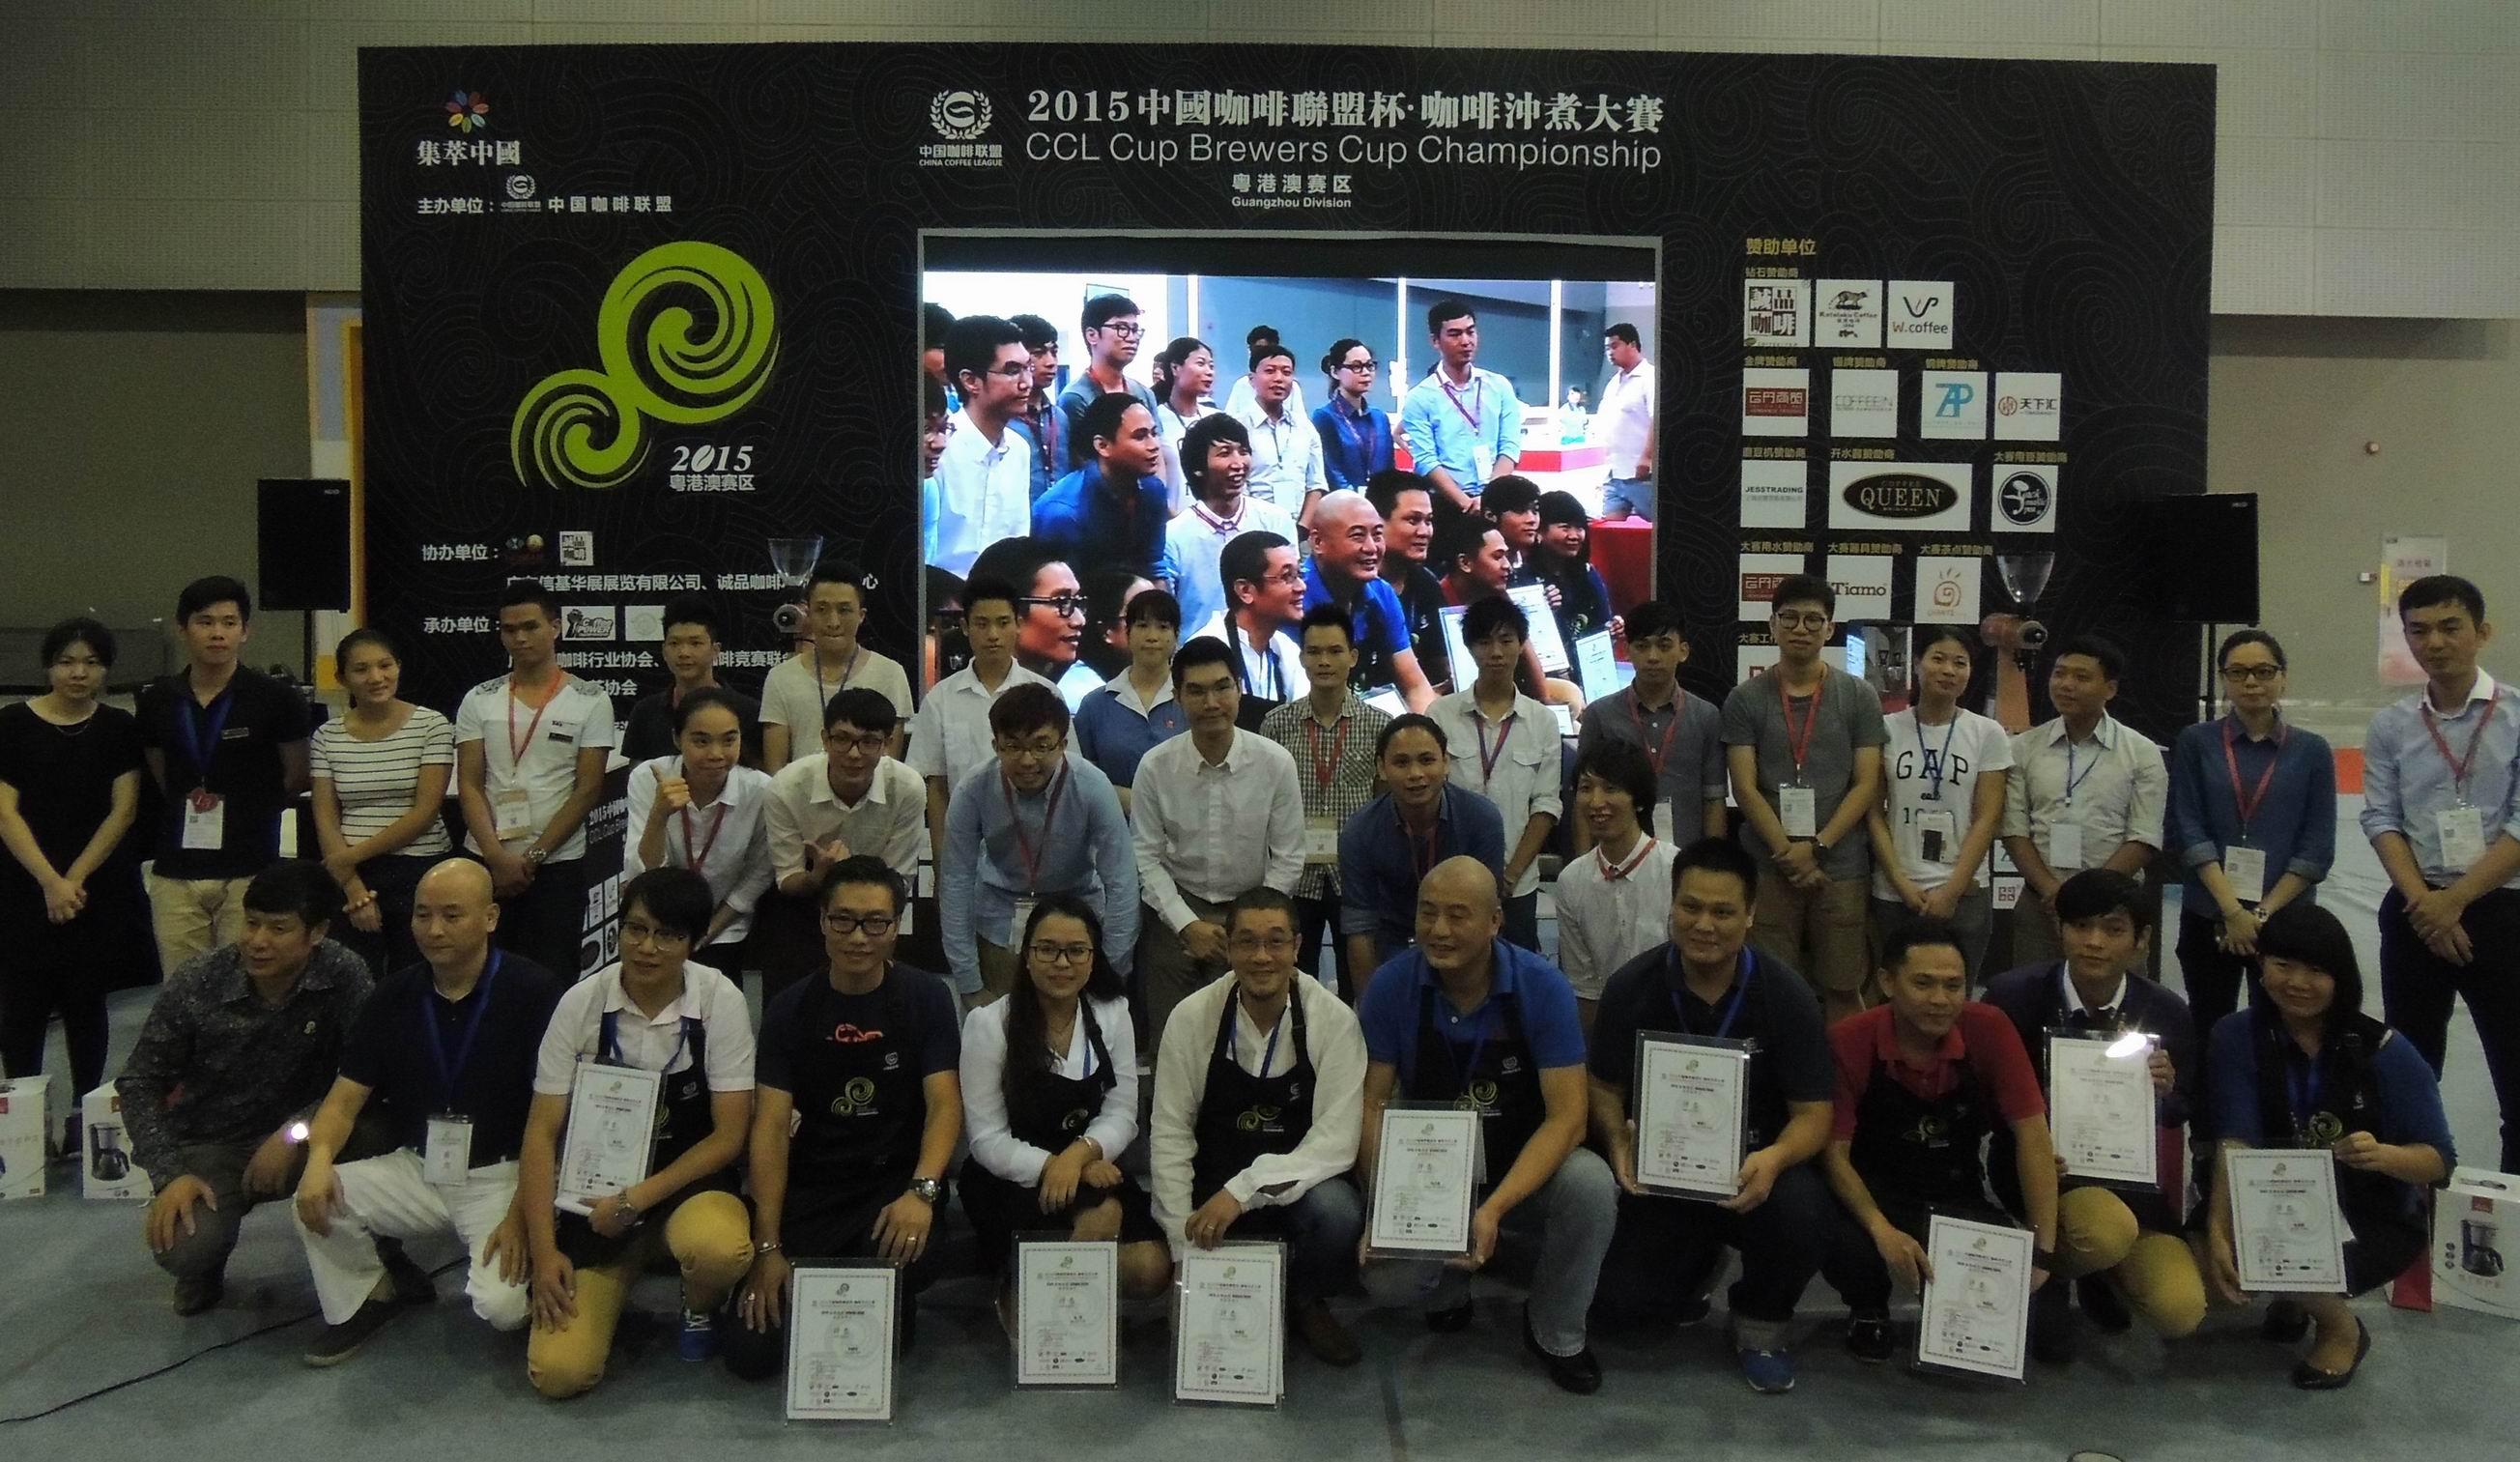 2016中国咖啡联盟杯•咖啡冲煮大赛